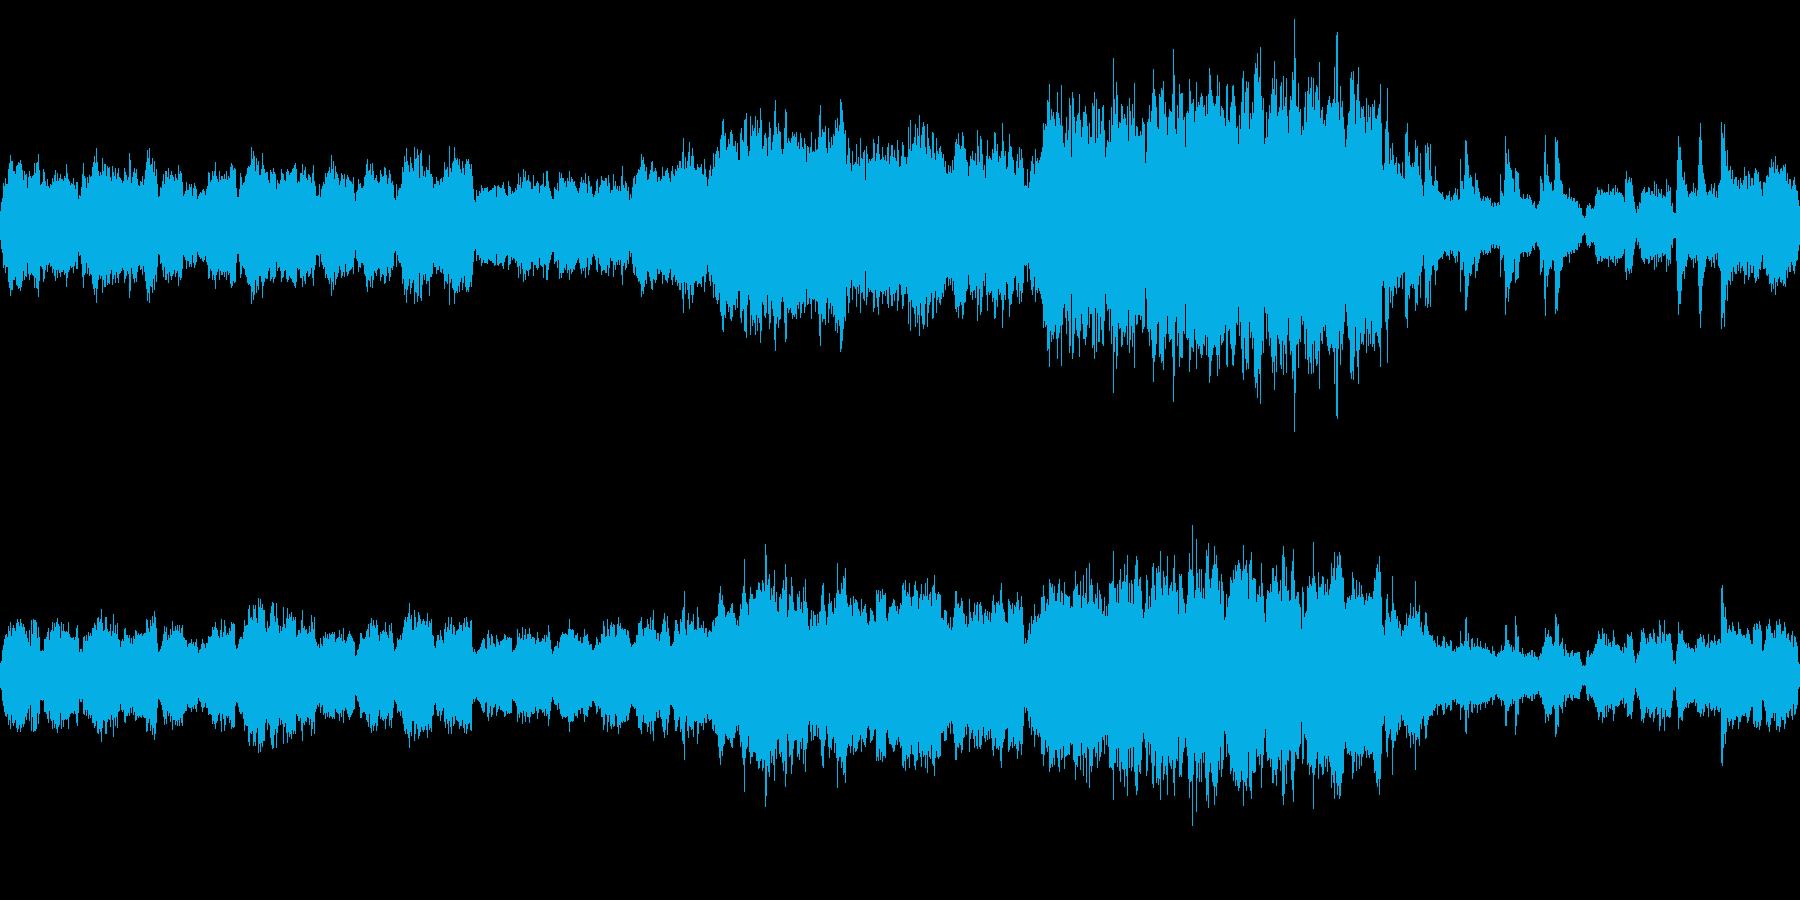 ストリングスの静かな曲の再生済みの波形